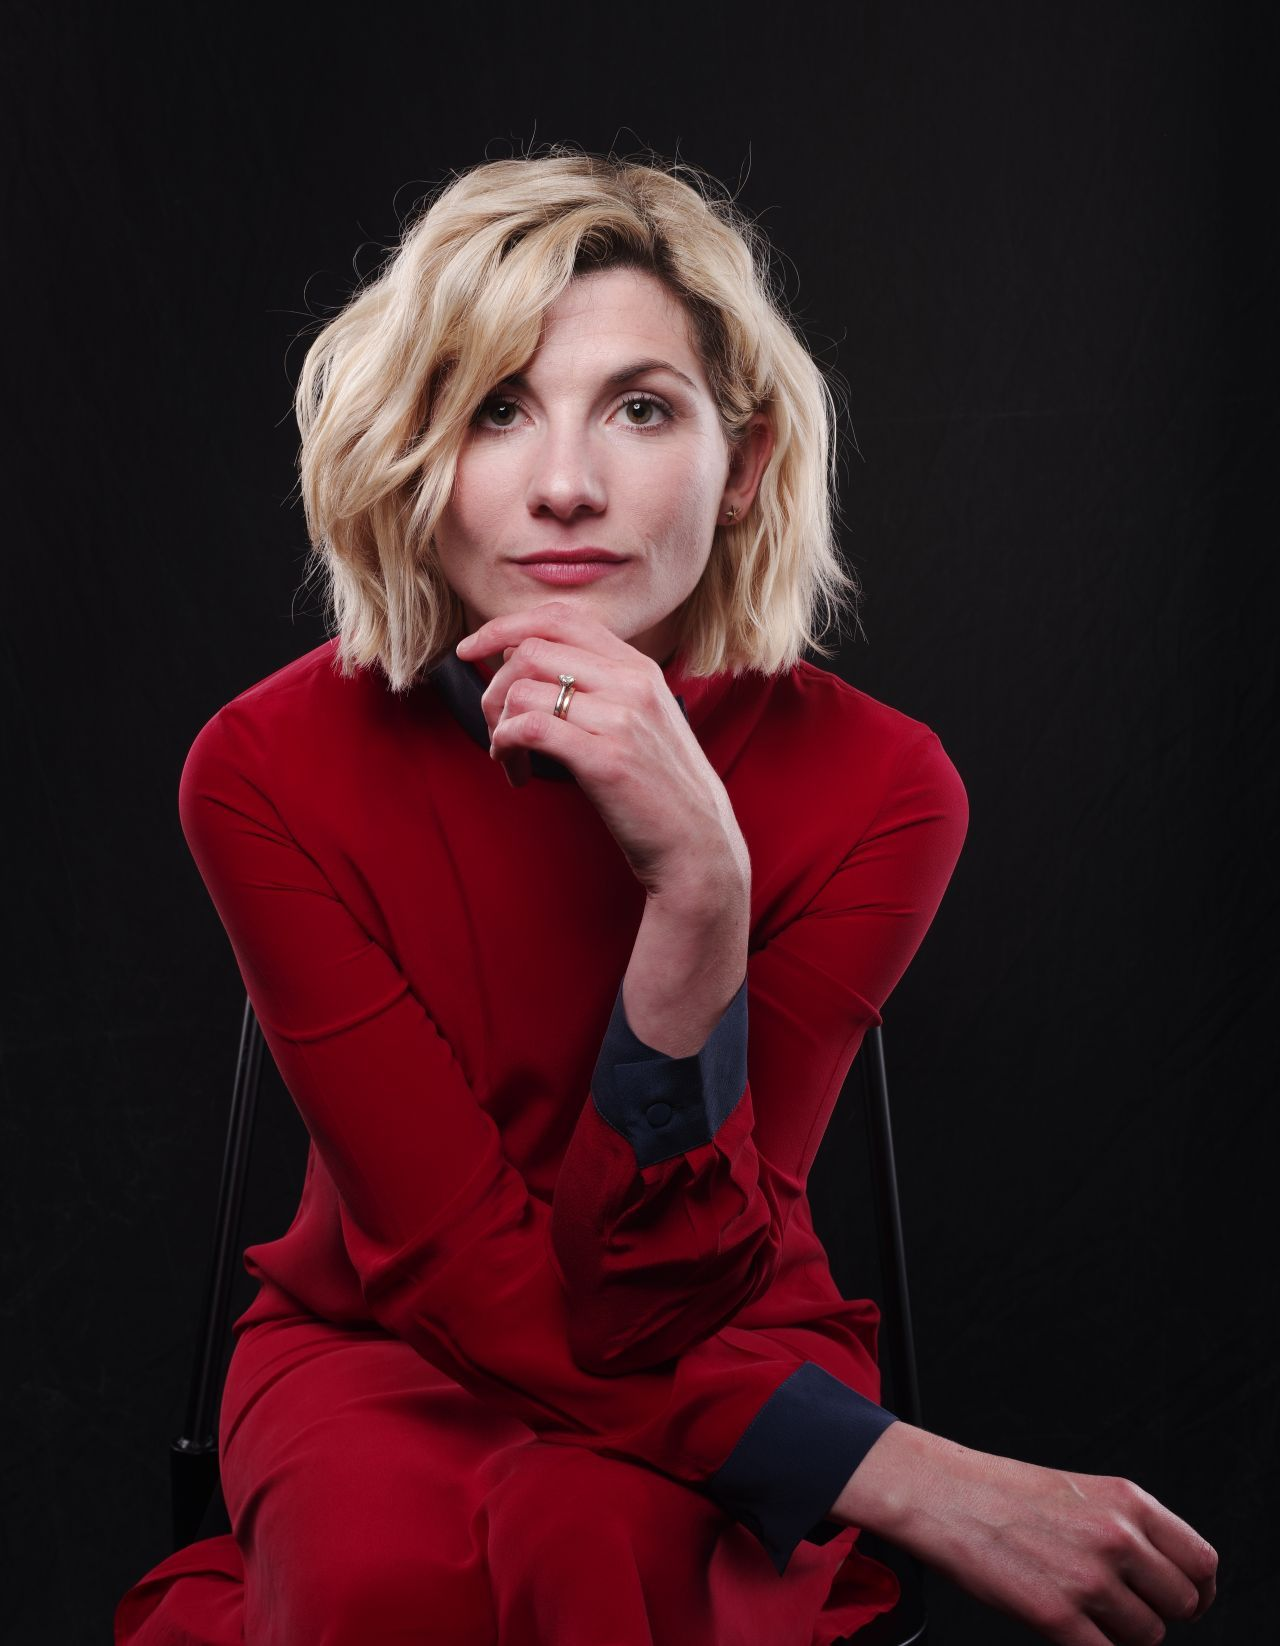 Jodie Whittaker (born 1982)